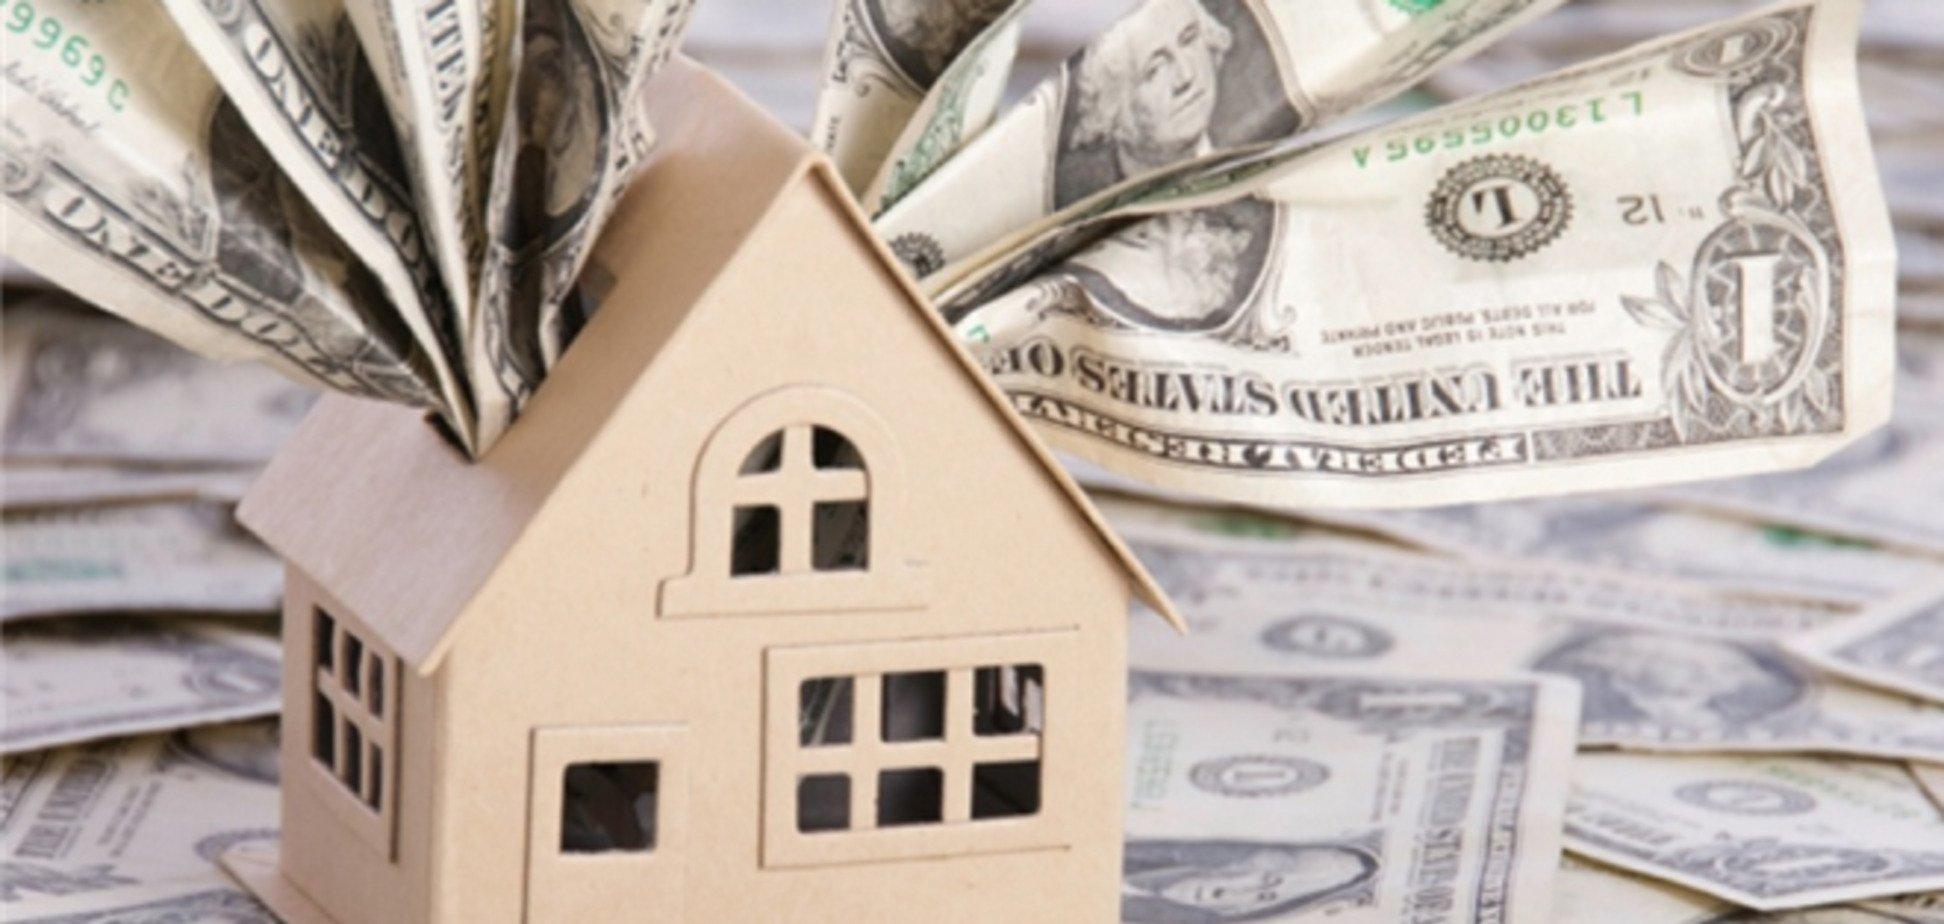 Сдача в аренду жилья лишает льгот по налогу на недвижимость